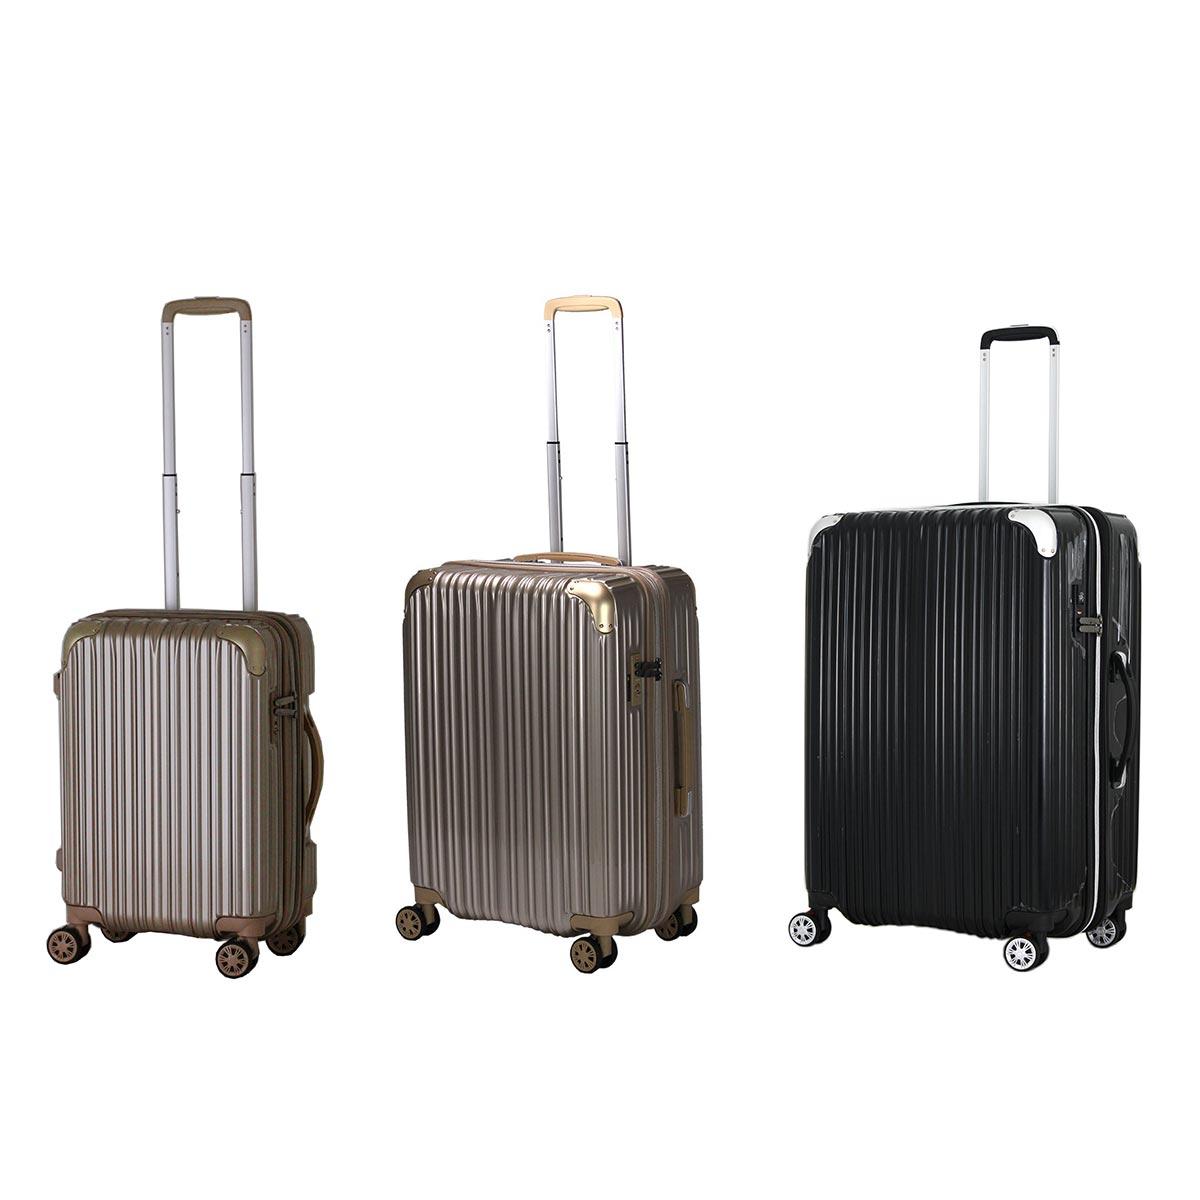 (35-40L)トライデント/拡張式ハードジッパースーツケース|キャリーケース・キャリーバッグ NV2075